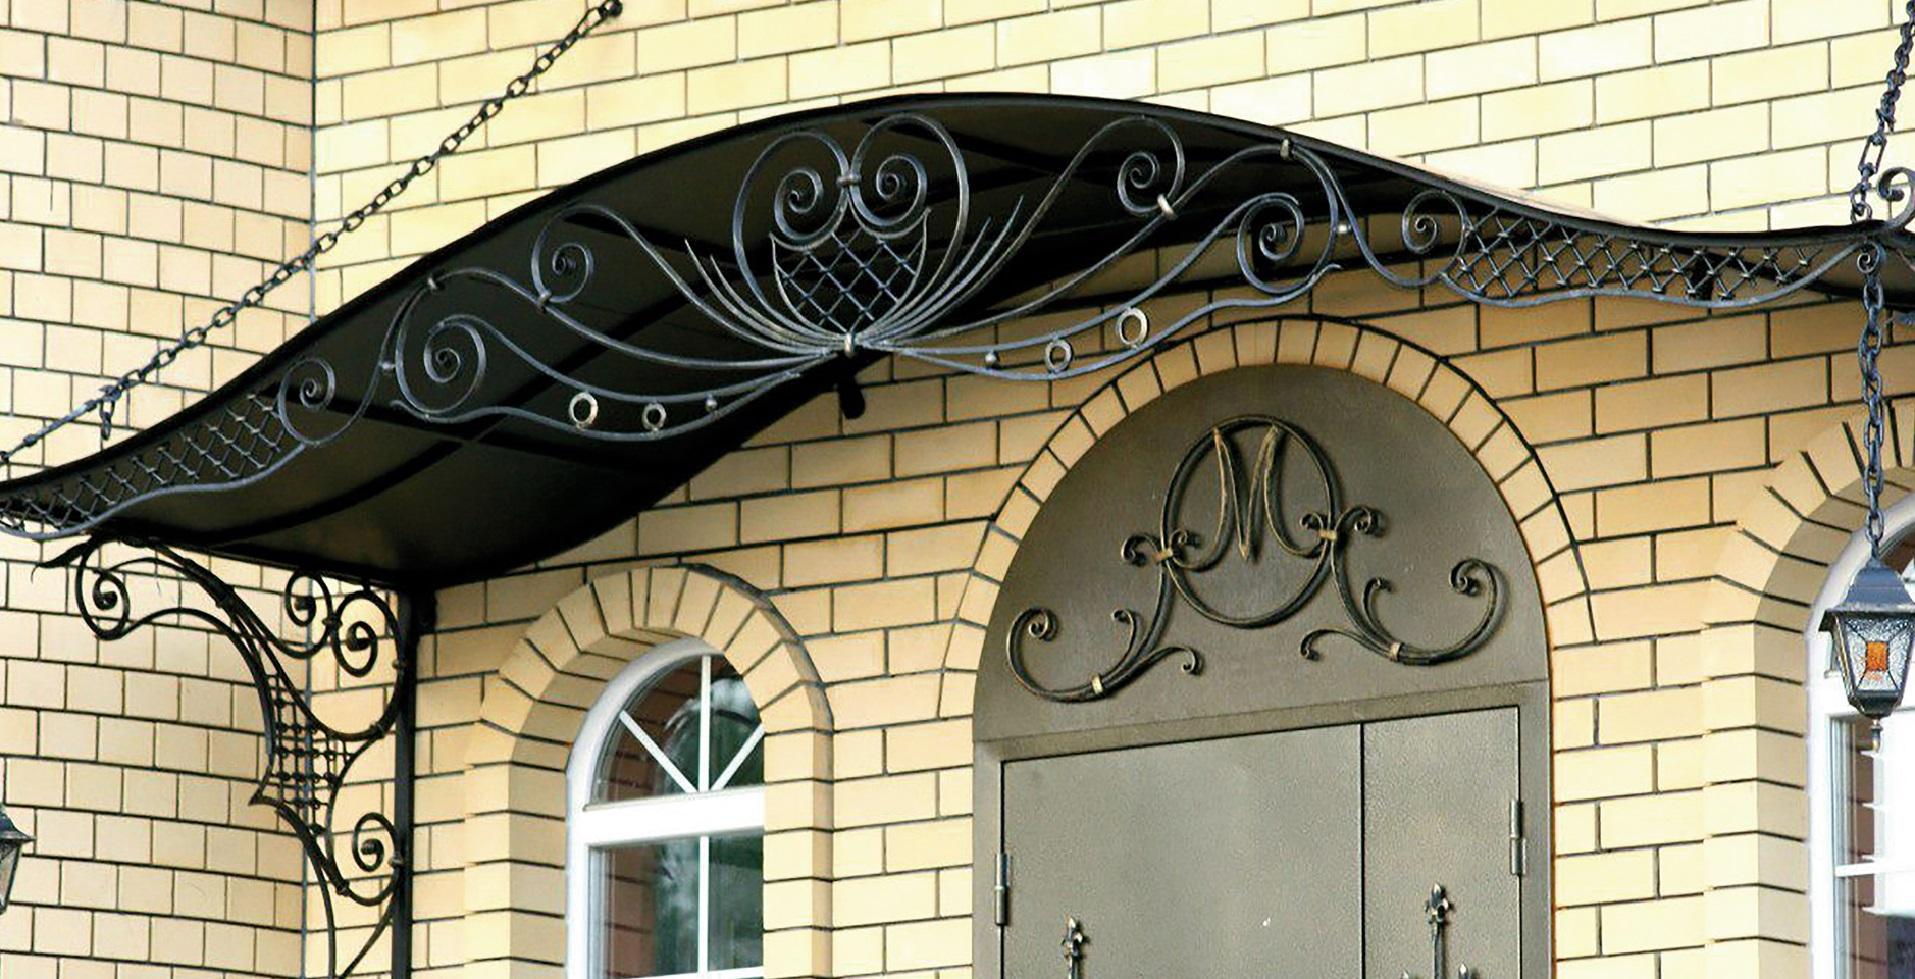 Использование кованых козырьков и навесов для беседок, парковок, крылечек, фото обзор красивых кованных навесов, а также роль изделий из металла в архитектуре